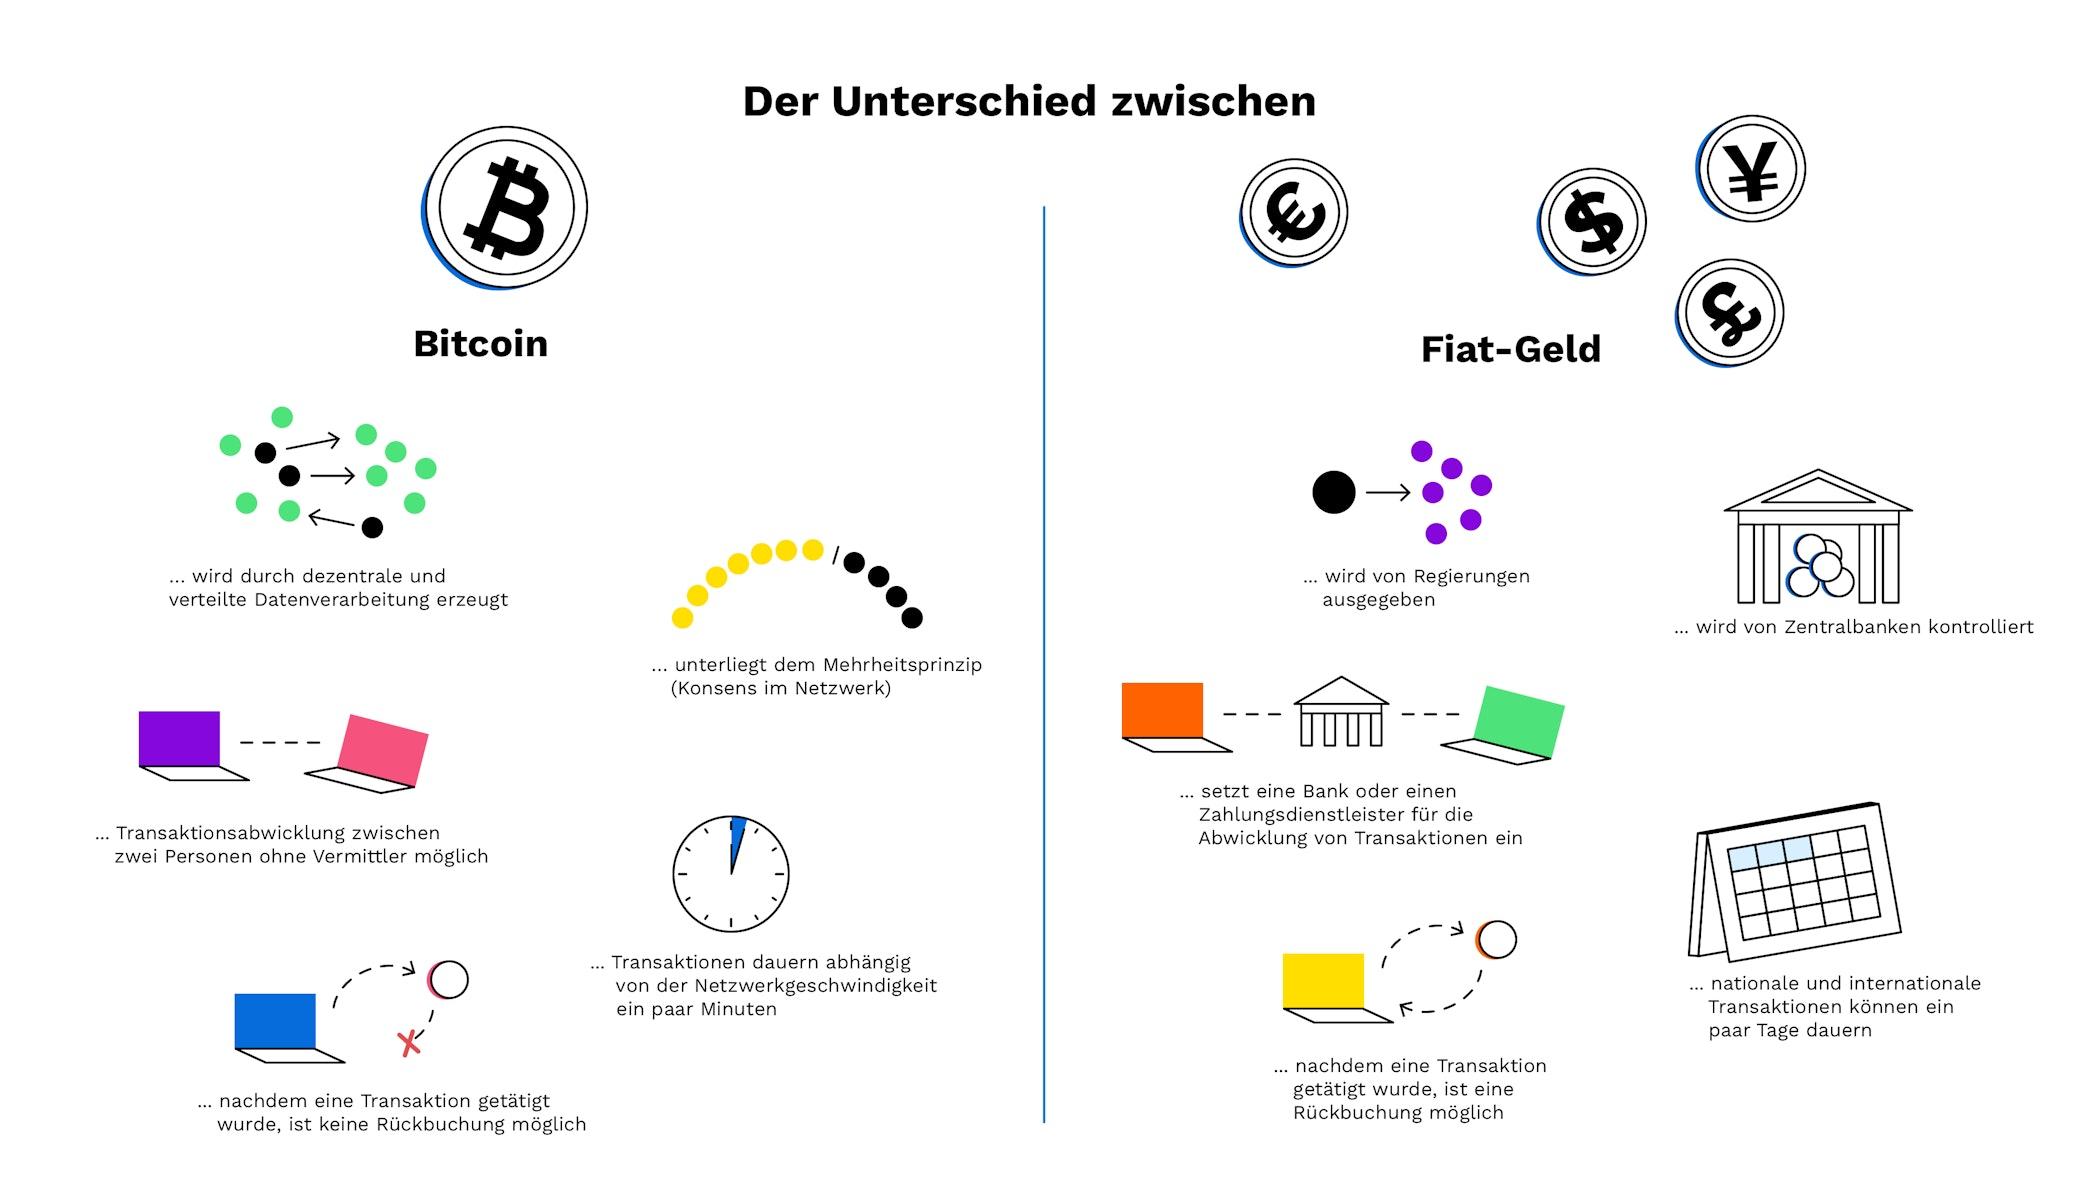 investitionsallokation, die bitcoin enthält kryptowährungen als investition verfügbar